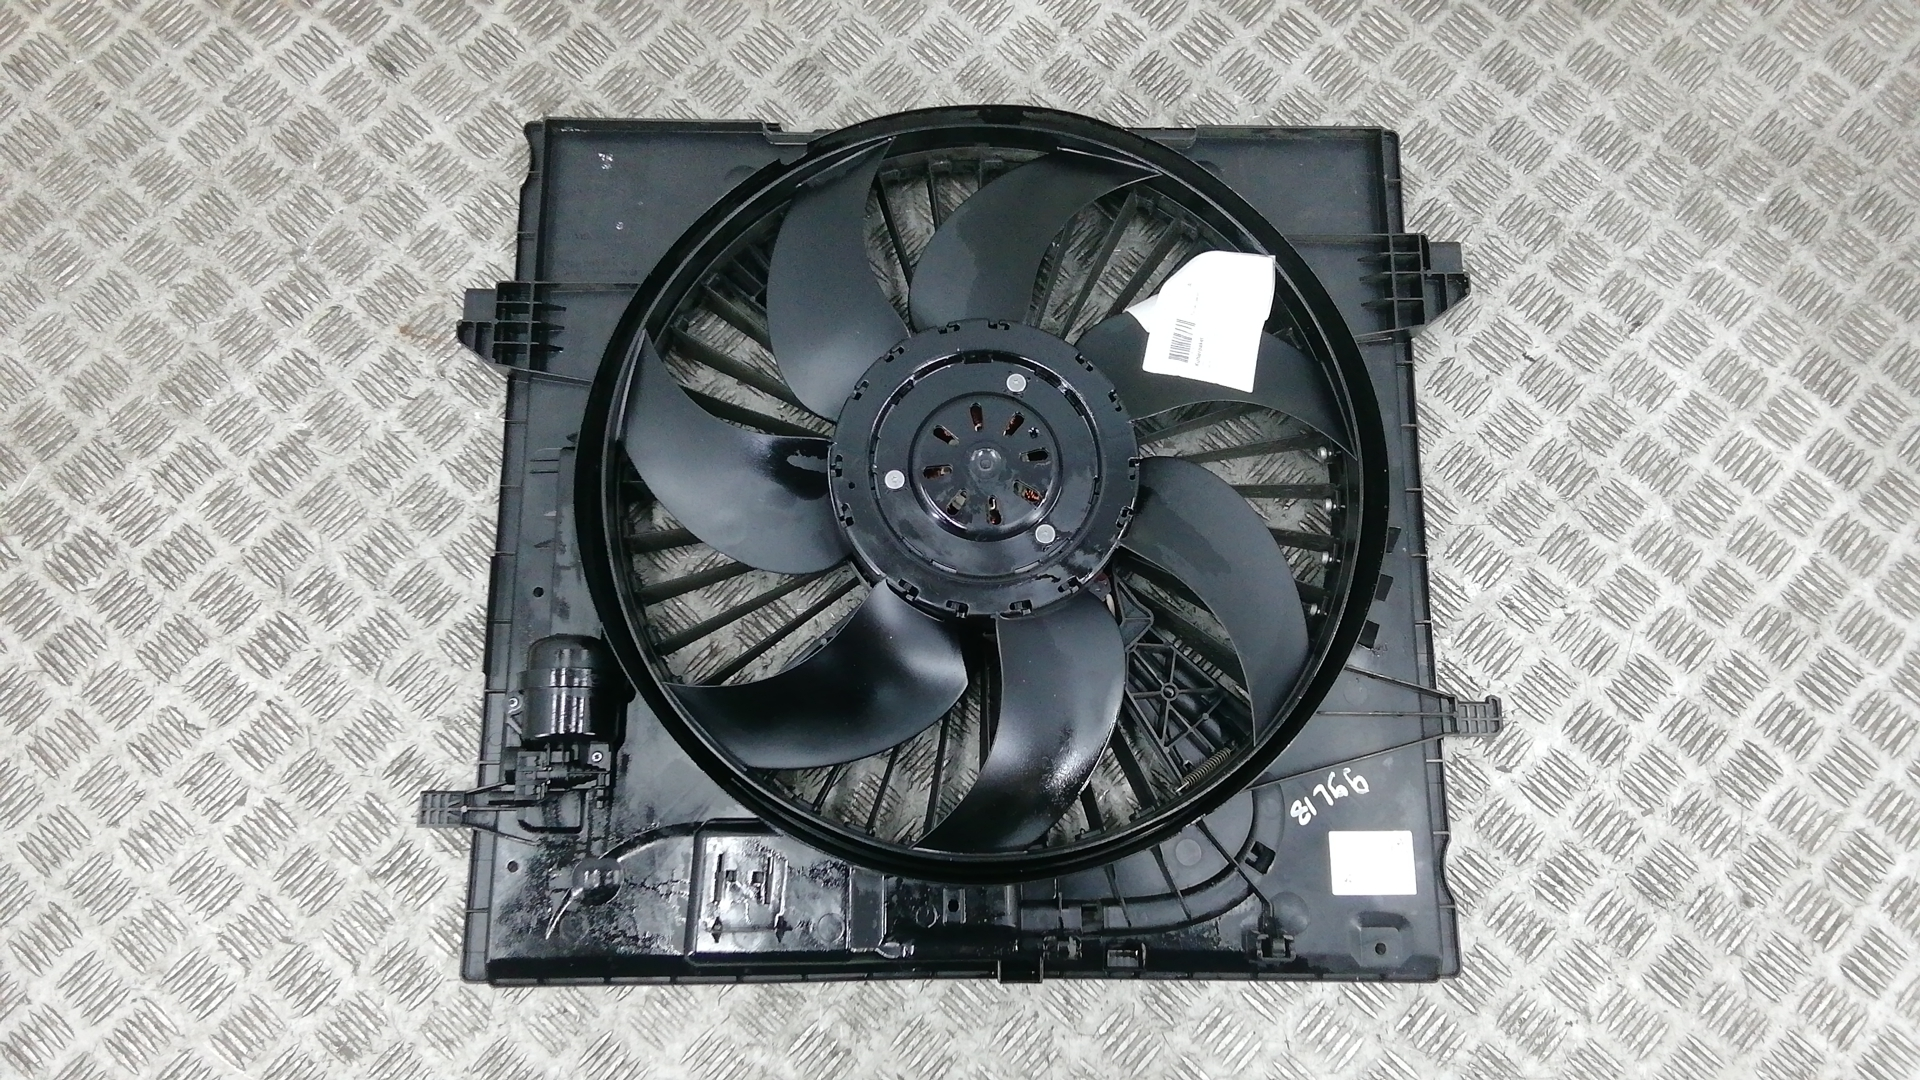 Вентилятор радиатора, MERCEDES BENZ, GLE W166, 2017